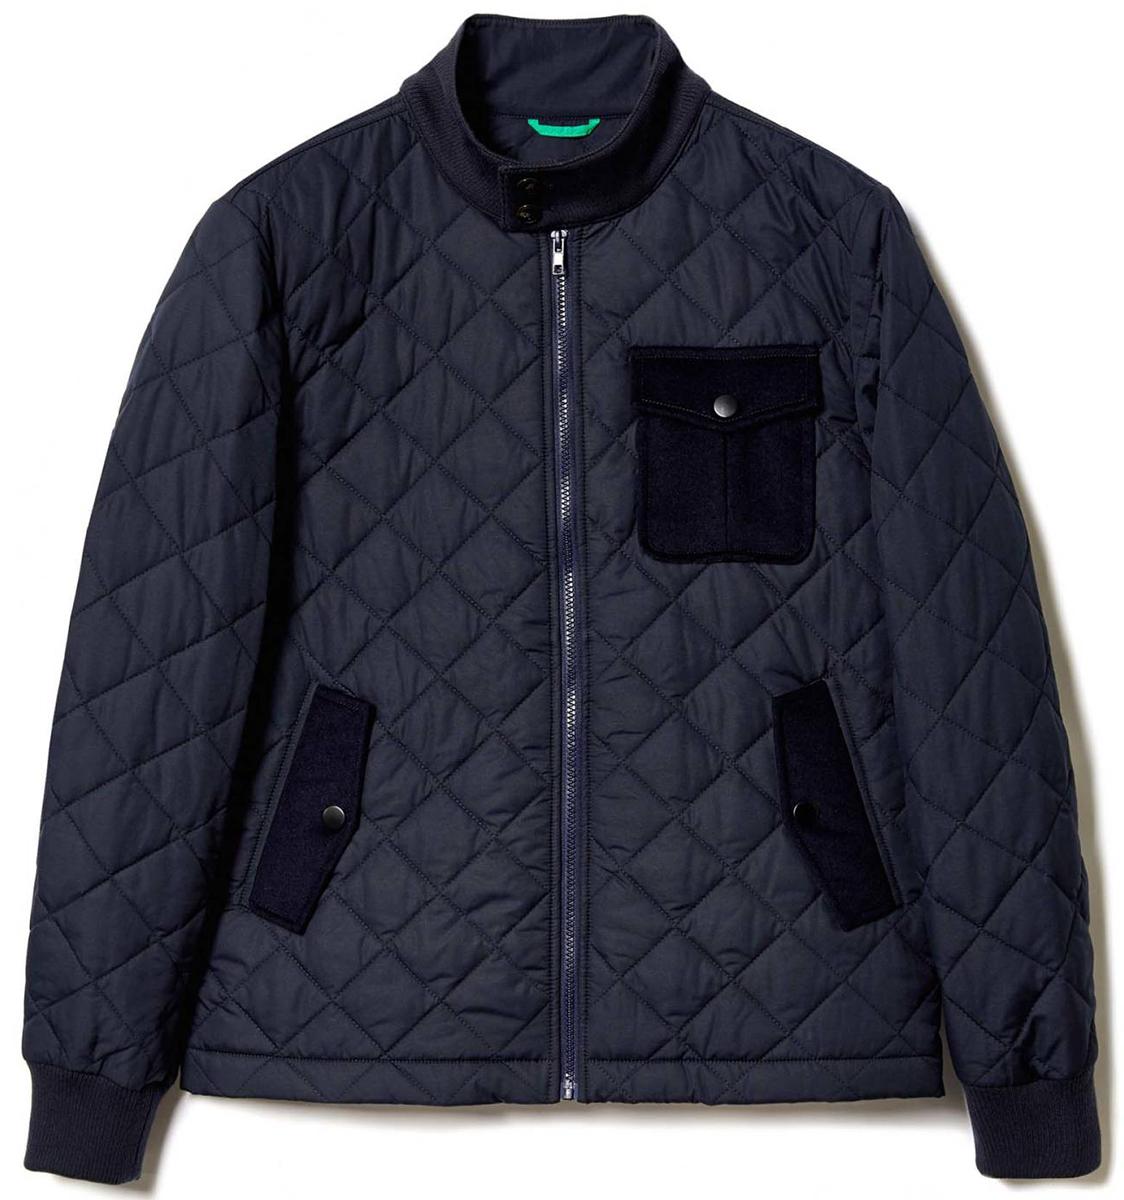 Куртка мужская United Colors of Benetton, цвет: синий. 2JQ6539D8_06U. Размер 482JQ6539D8_06UКуртка мужская United Colors of Benetton выполнена из полиэстера. Модель с длинными рукавами застегивается на молнию.